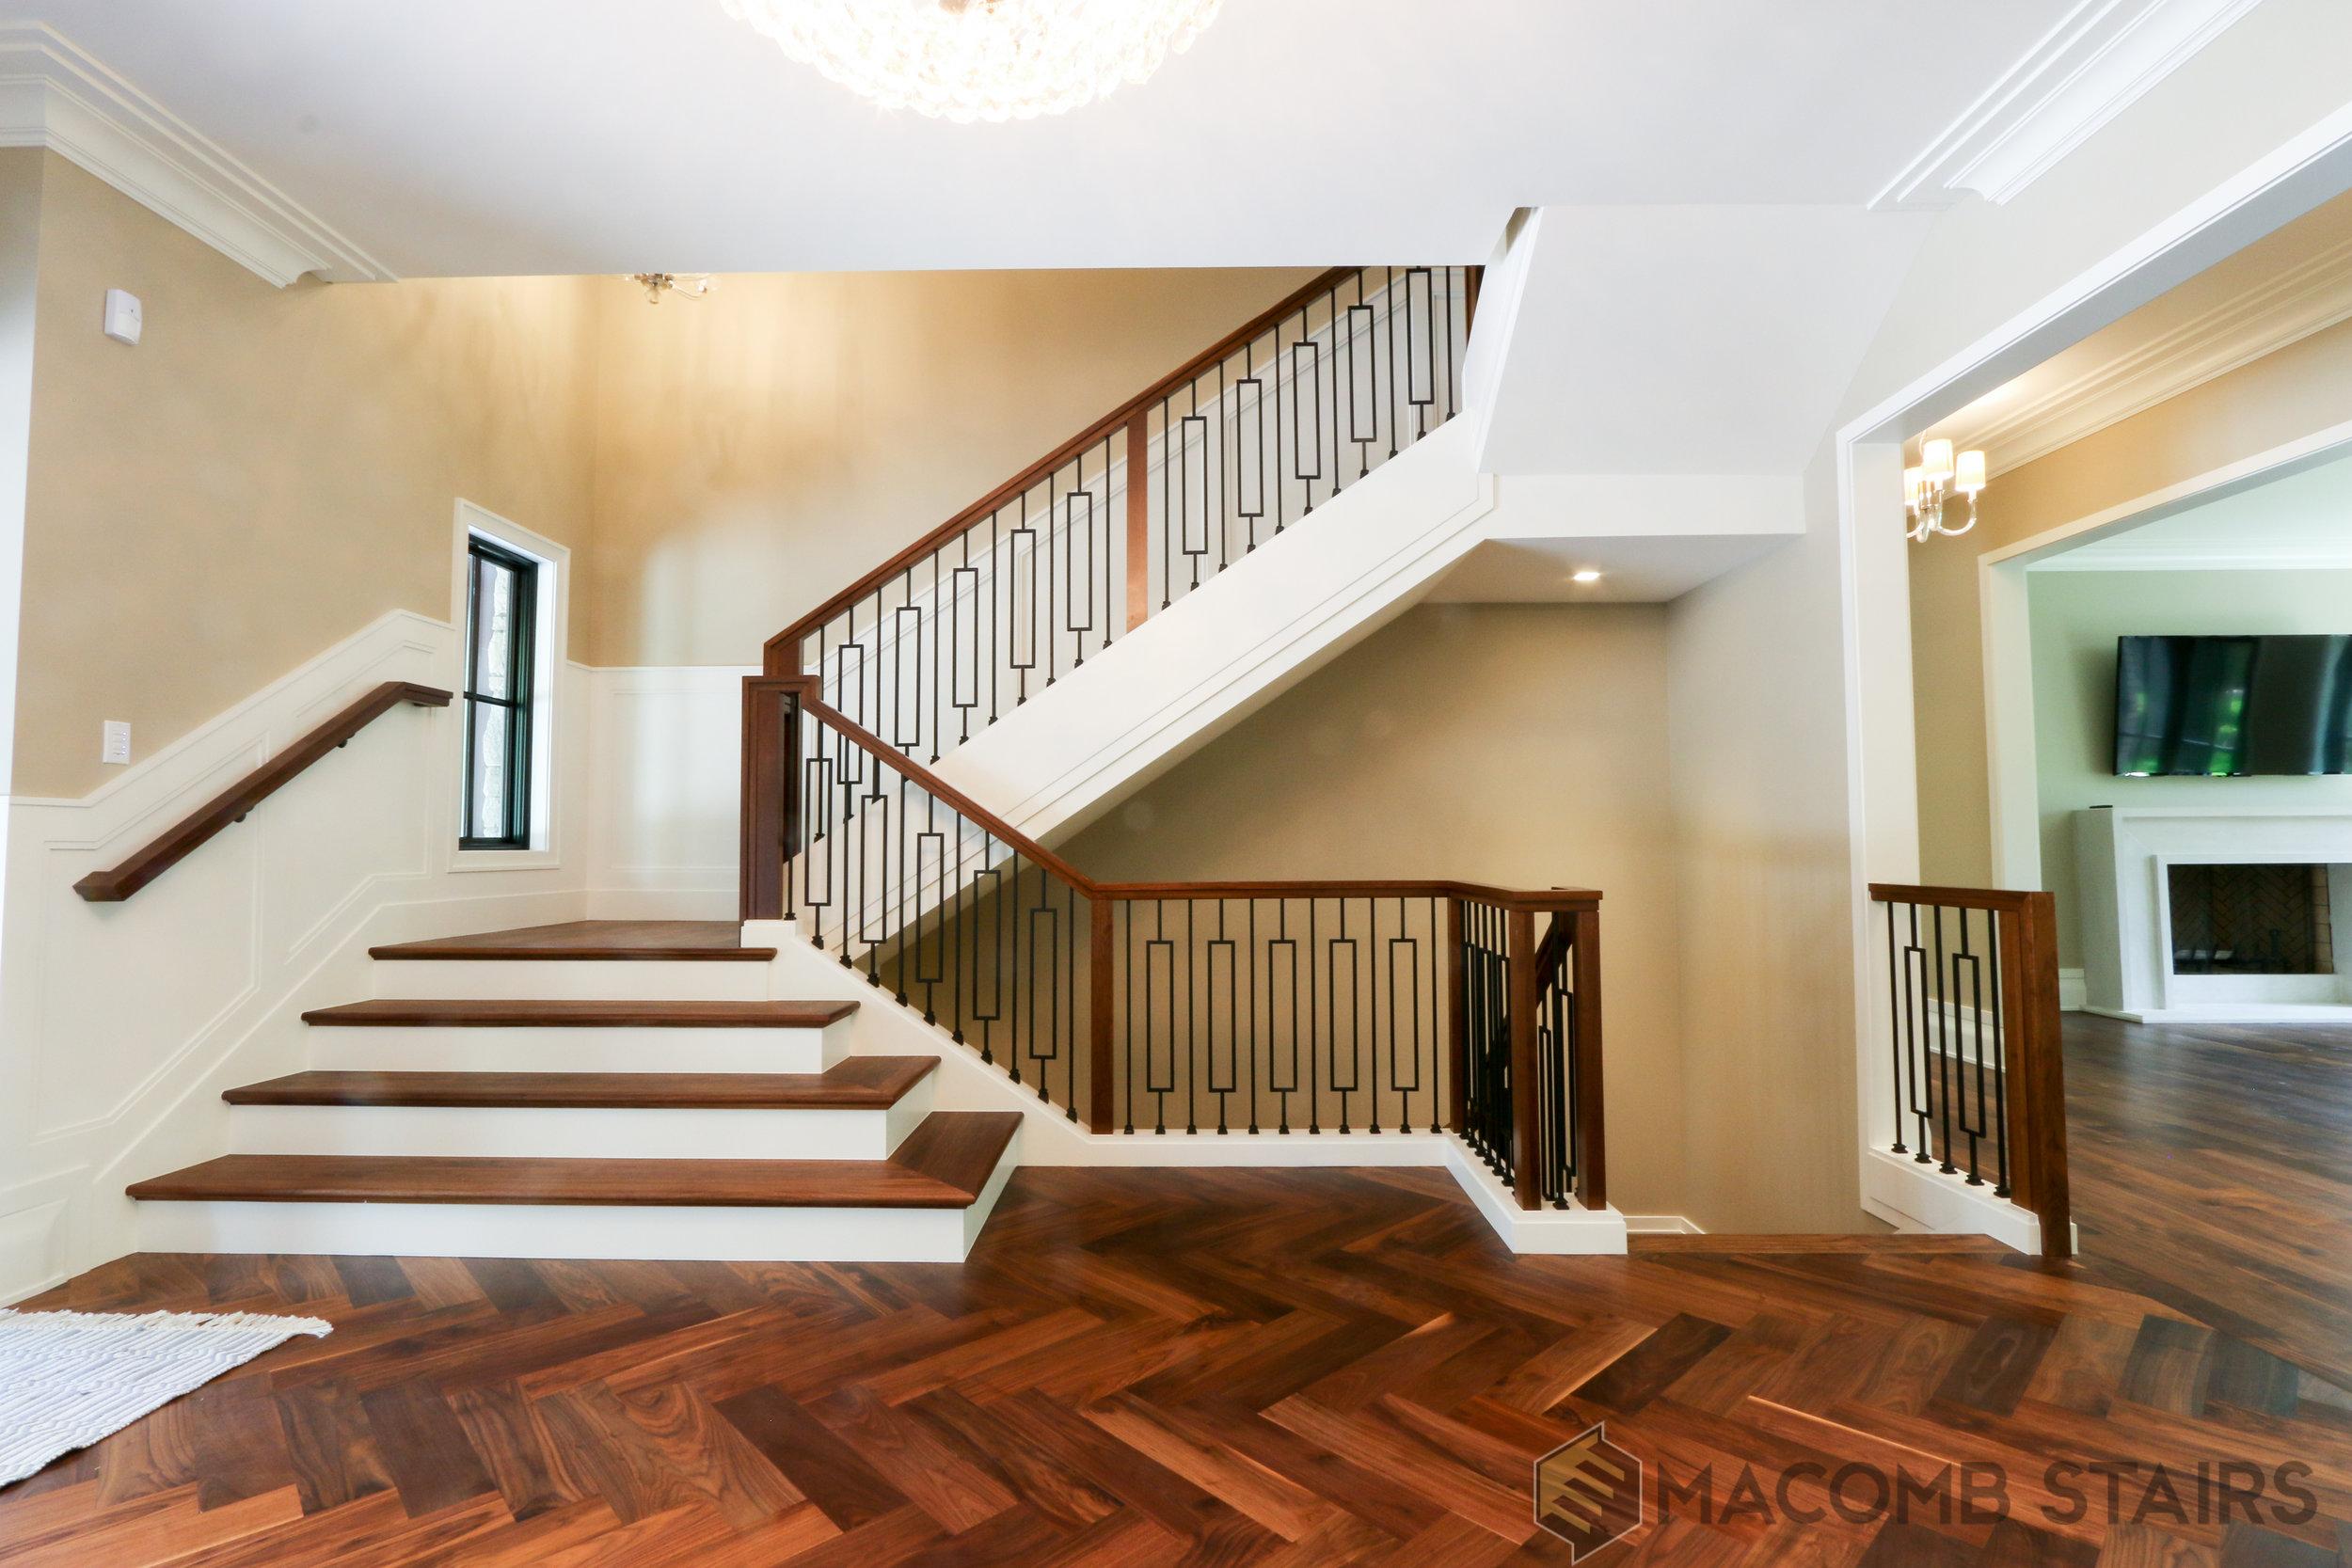 Macimb Stairs- Stair Photo-12.jpg